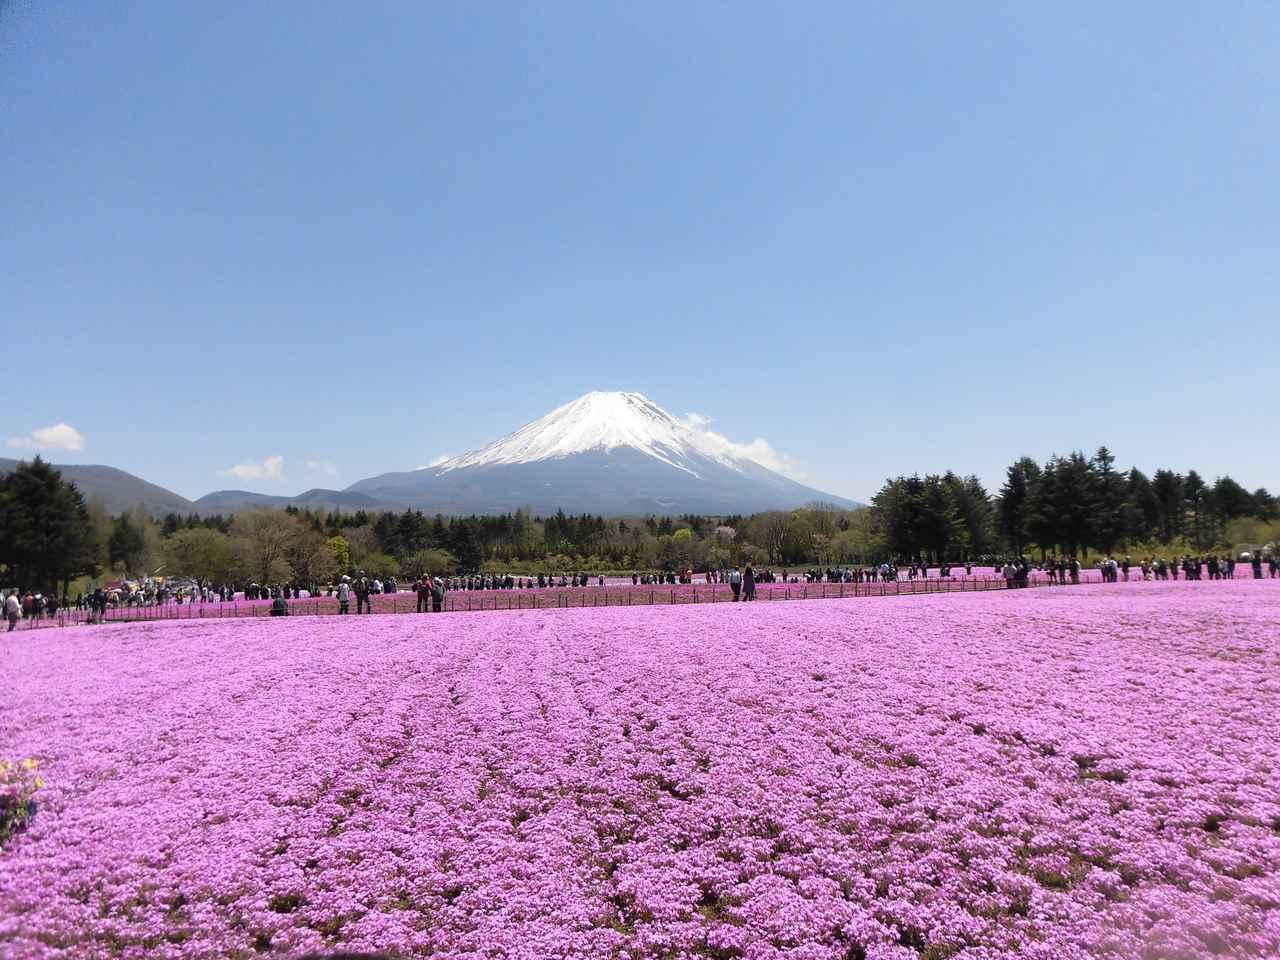 画像1: 【まごころ倶楽部 阿佐ヶ谷2019】春の日帰り旅行